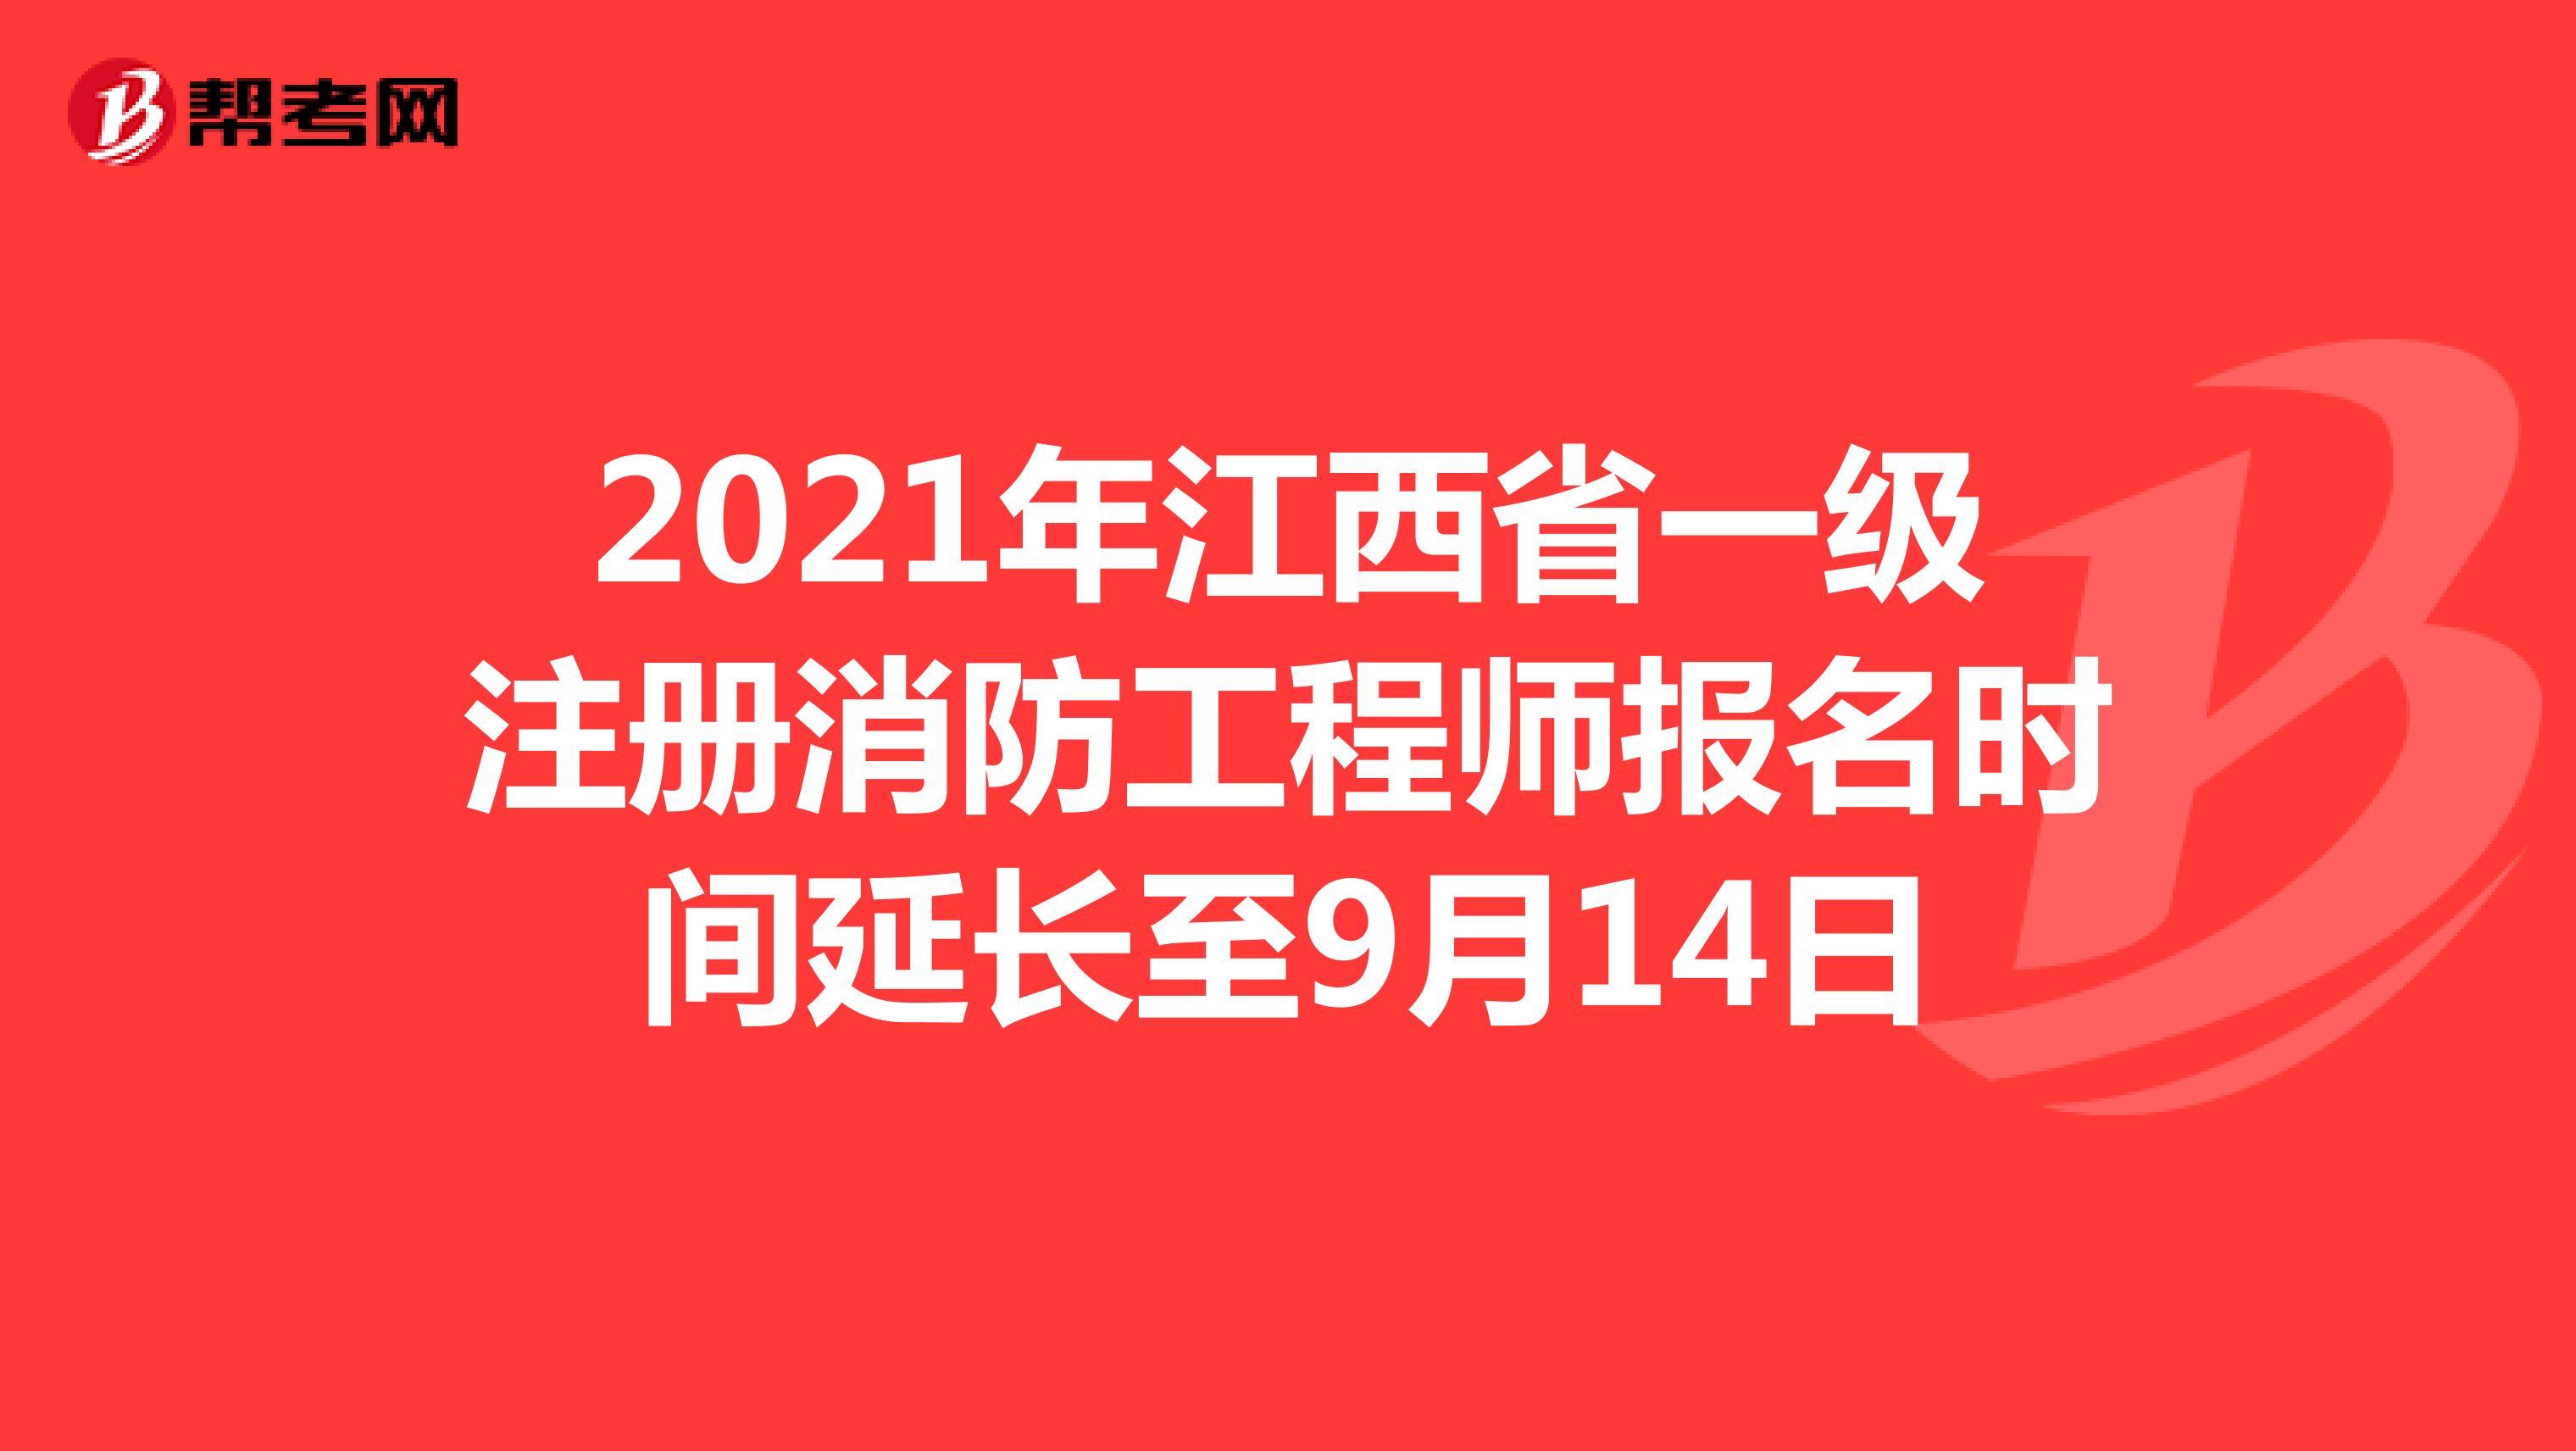 2021年江西省一级注册消防工程师报名时间延长至9月14日